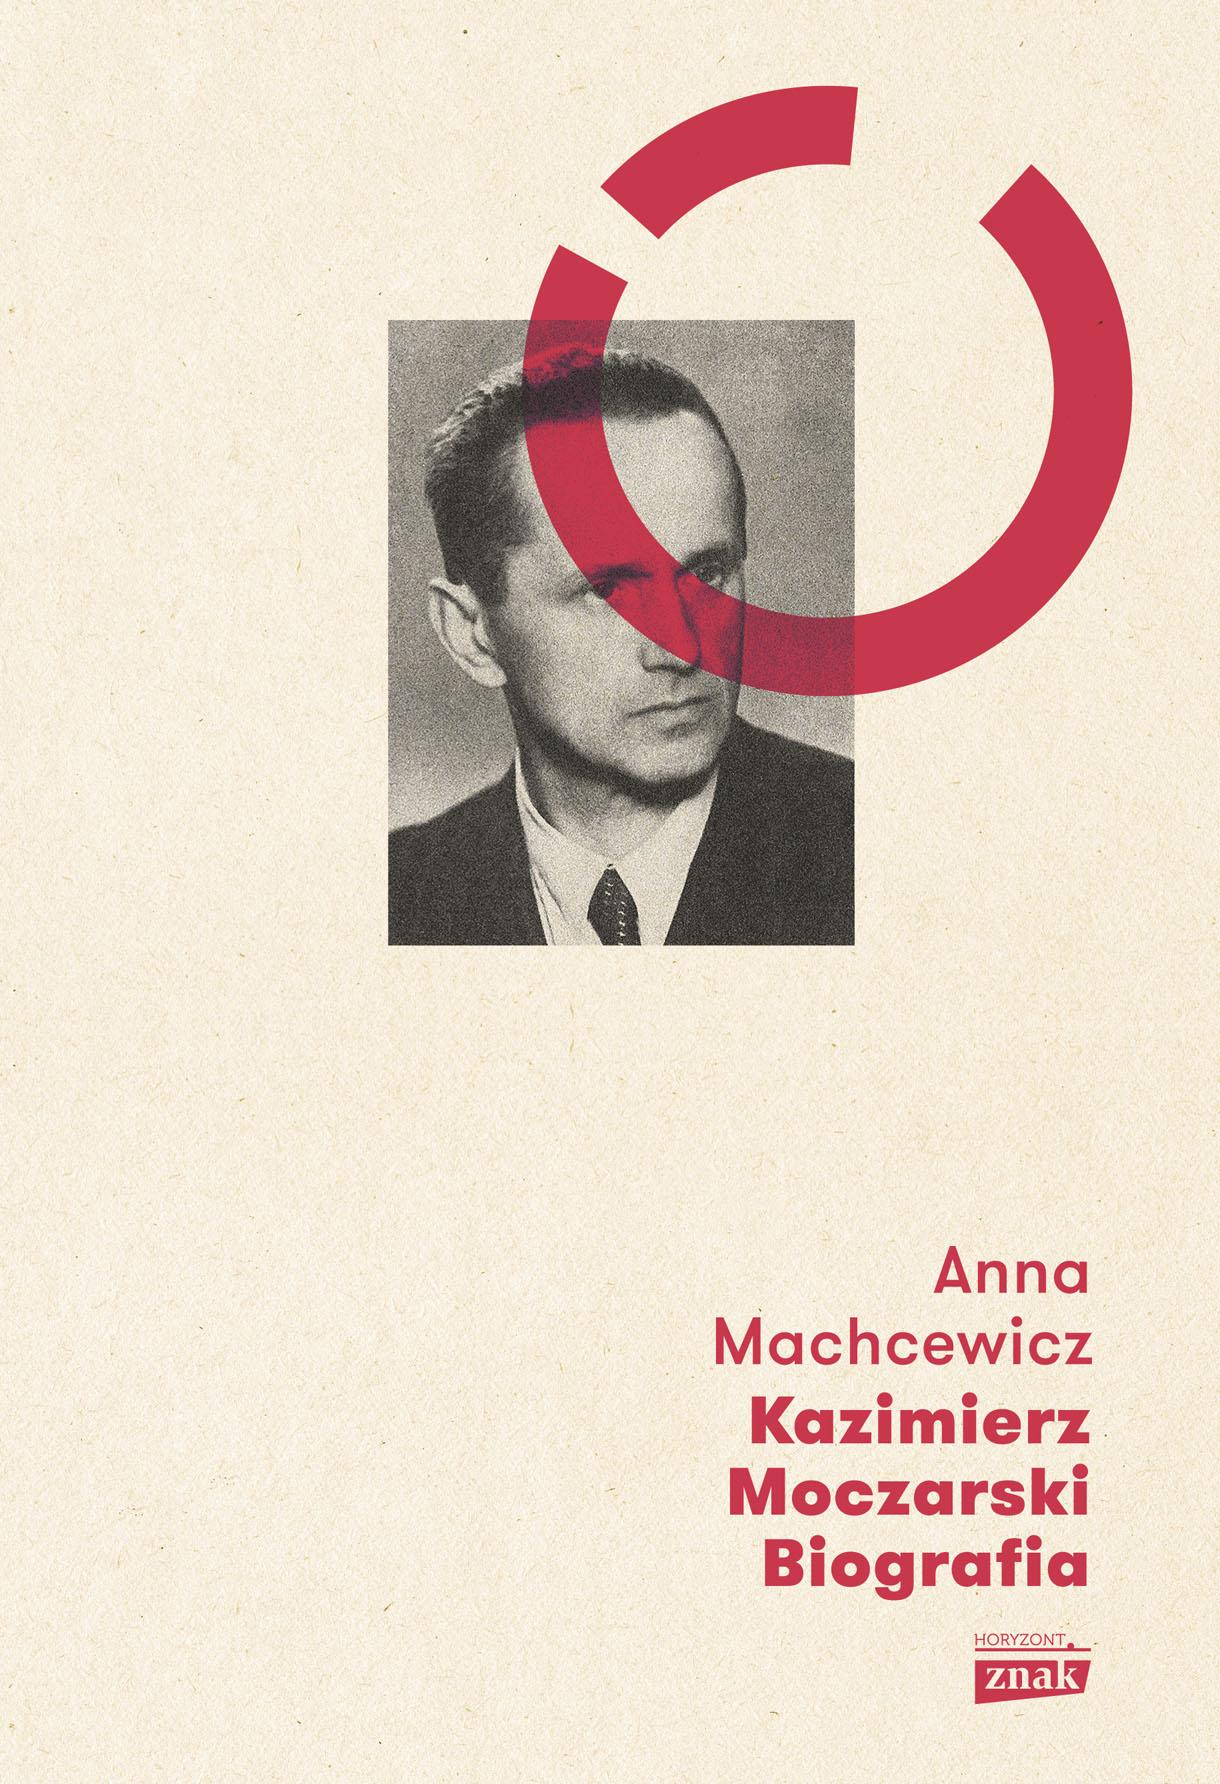 """Artykuł stanowi fragment książki Anny Machcewicz pt. """"Kazimierz Moczarski. Biografia"""", wydanej nakładem wydawnictwa Znak."""